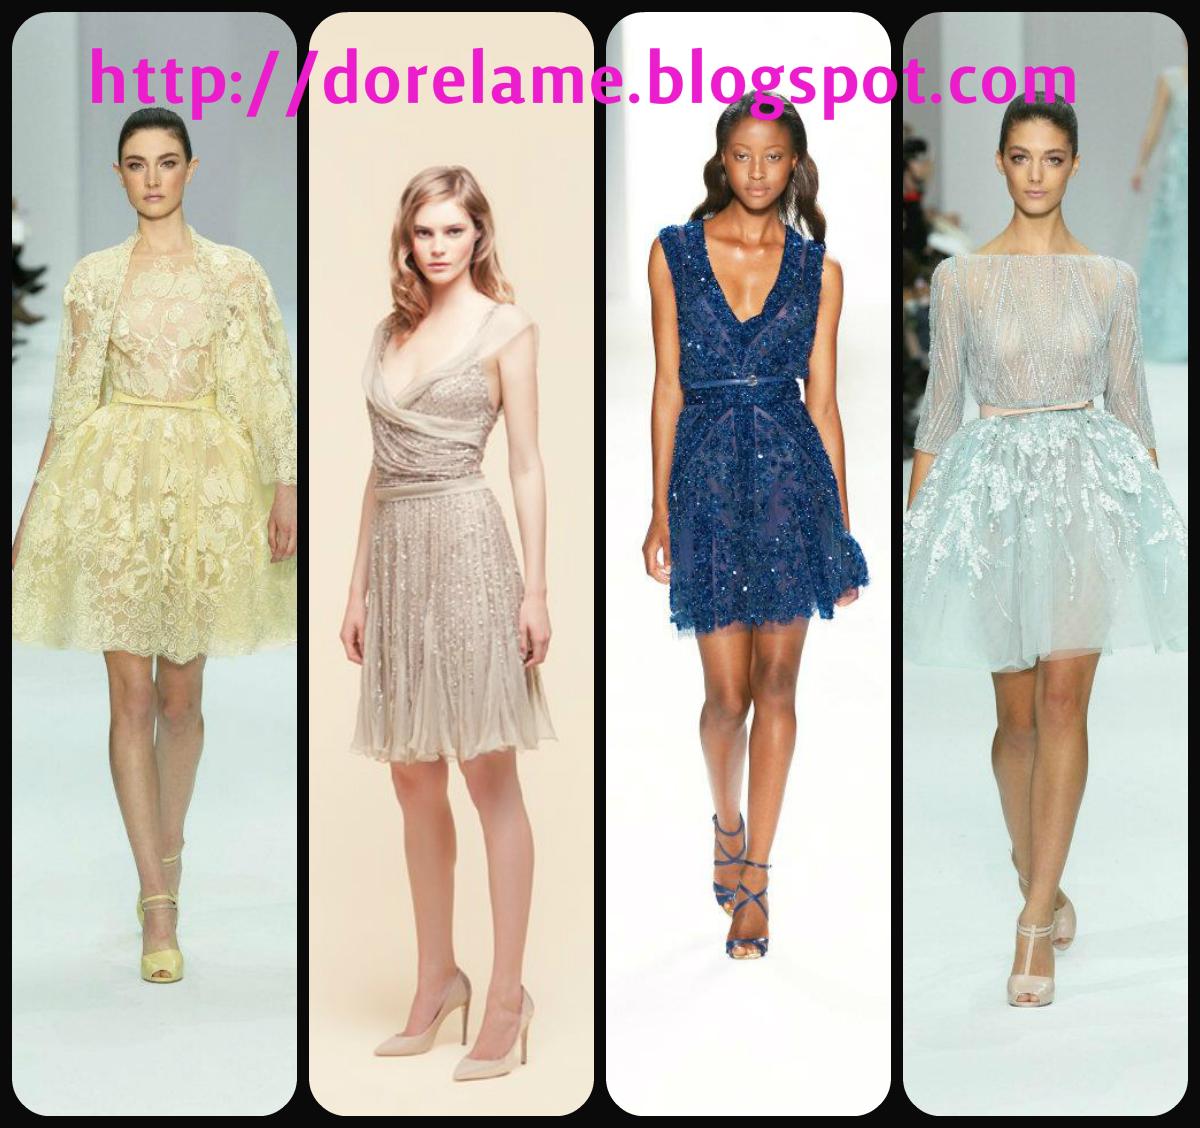 http://4.bp.blogspot.com/-XCKkbgE1Q5E/UEjlqXQVSDI/AAAAAAAAB68/YlLtFMjdsv0/s1600/collage.jpg